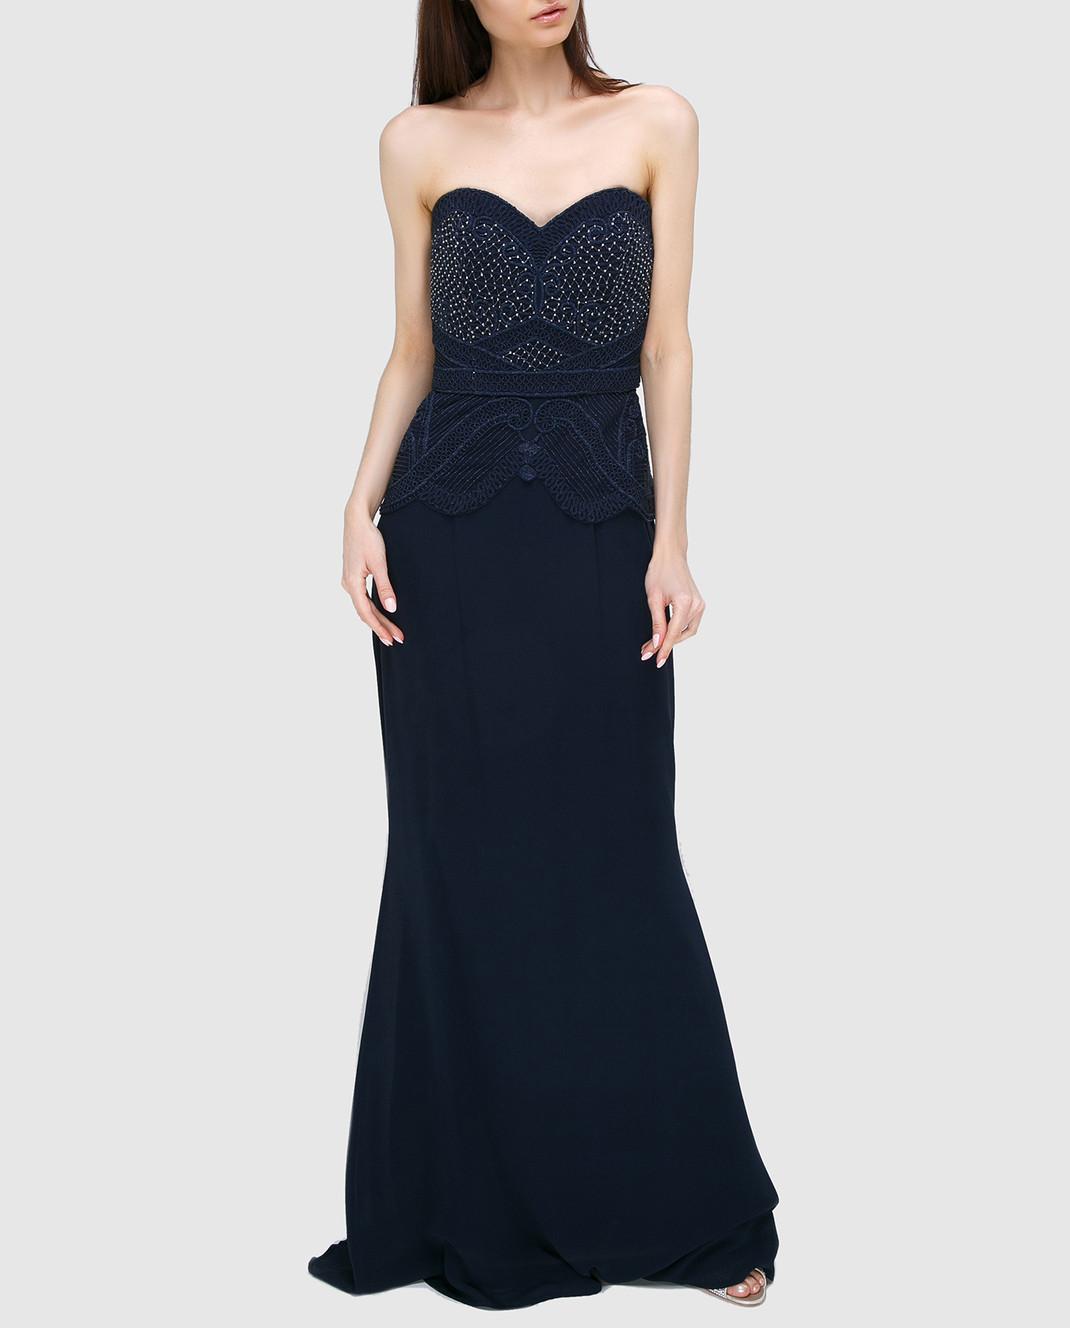 Rachel Gilbert Темно-синее платье из шелка 60014 изображение 2